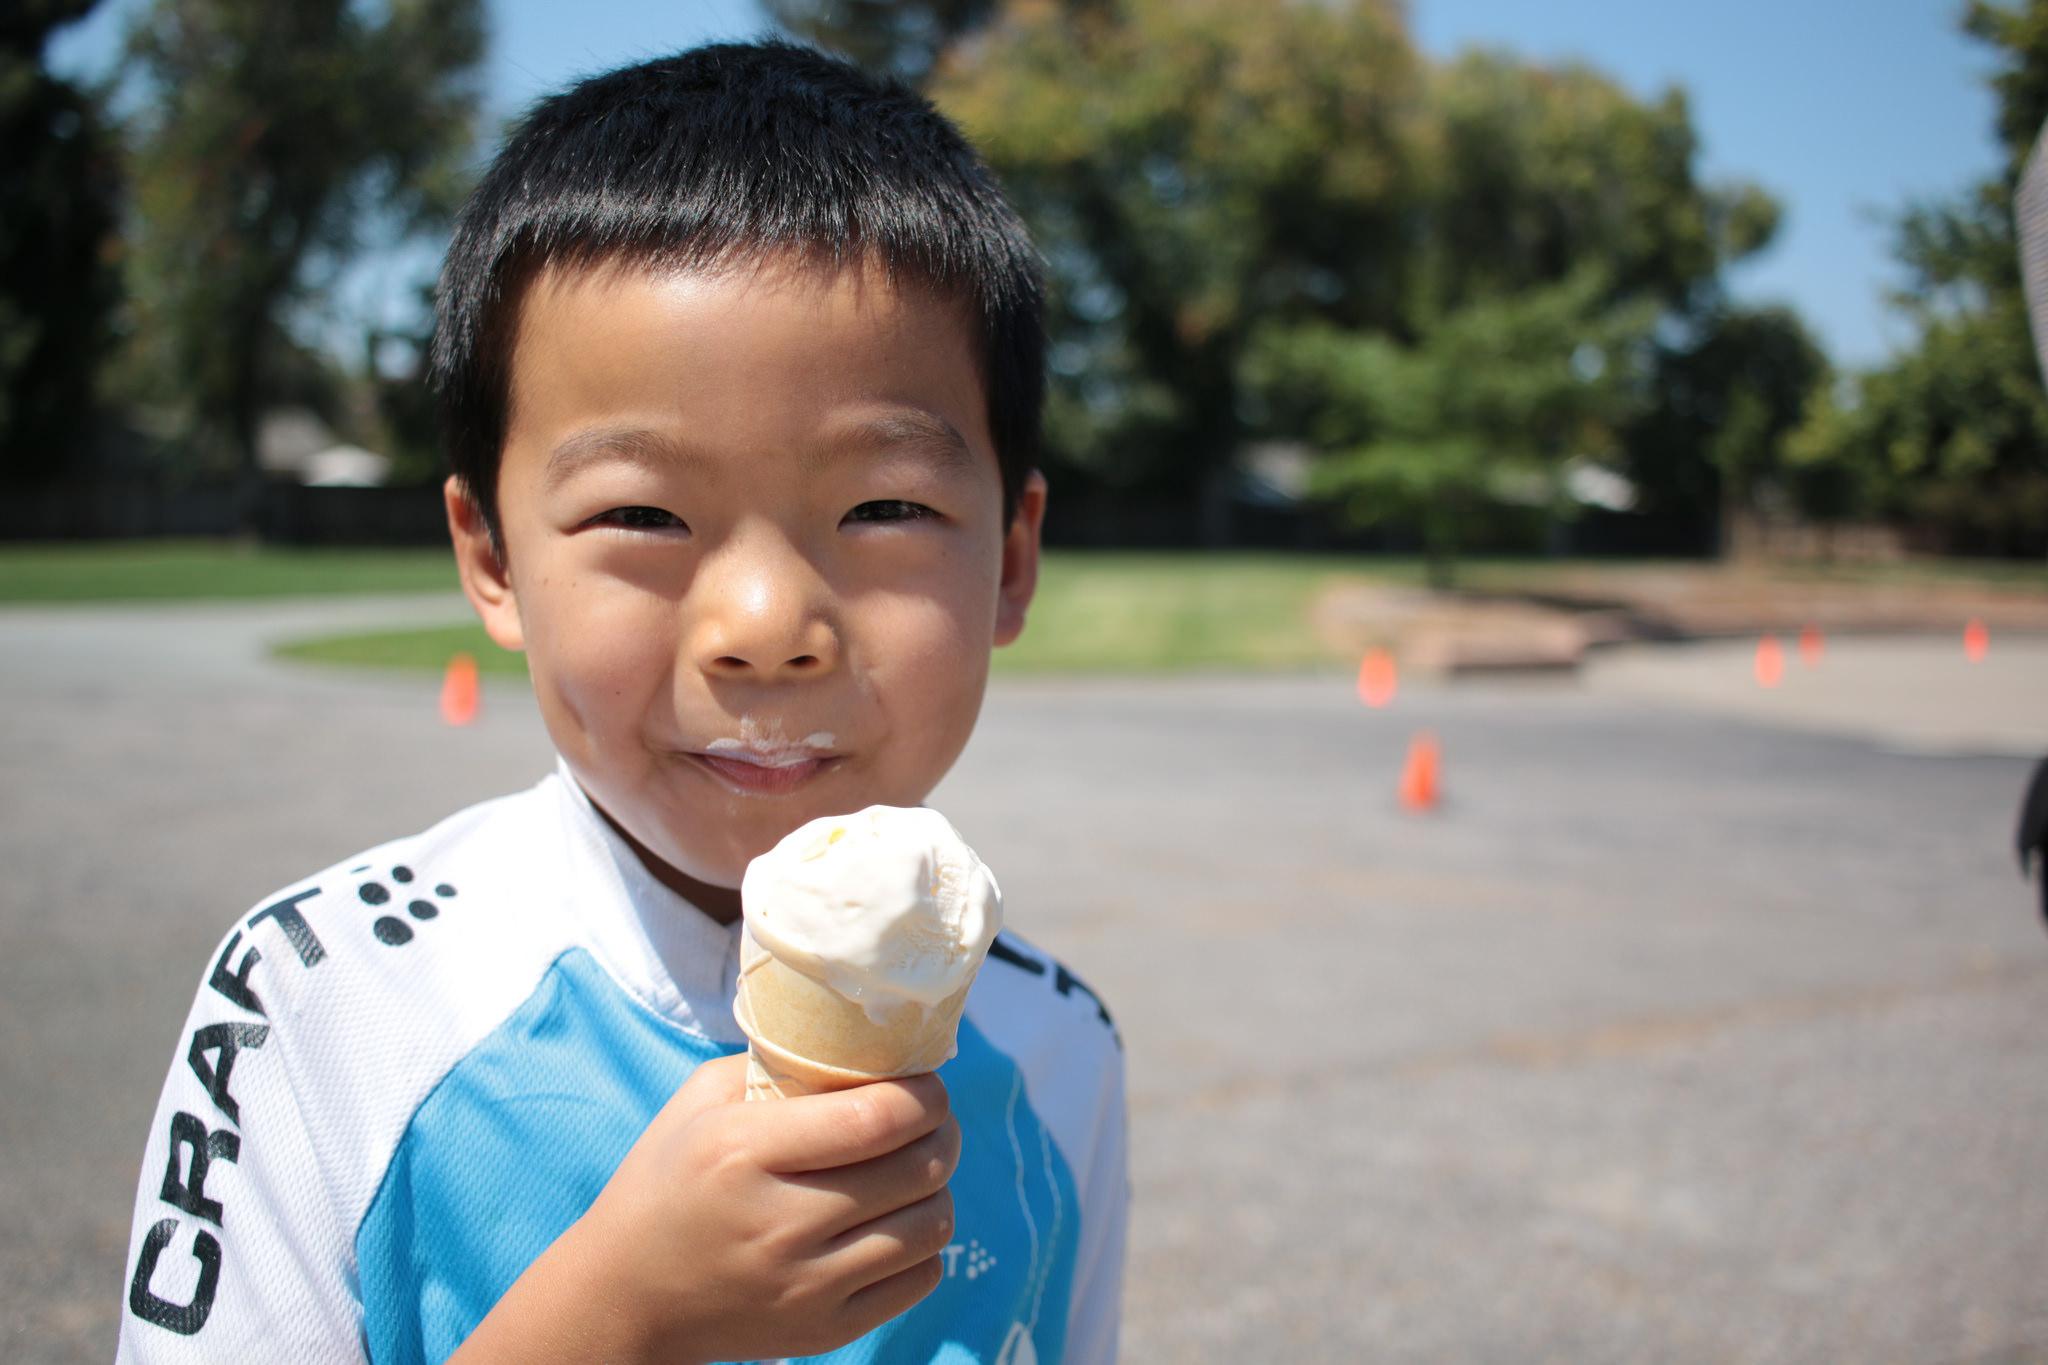 Ice Cream Yum! - Photo by Andrew Yee